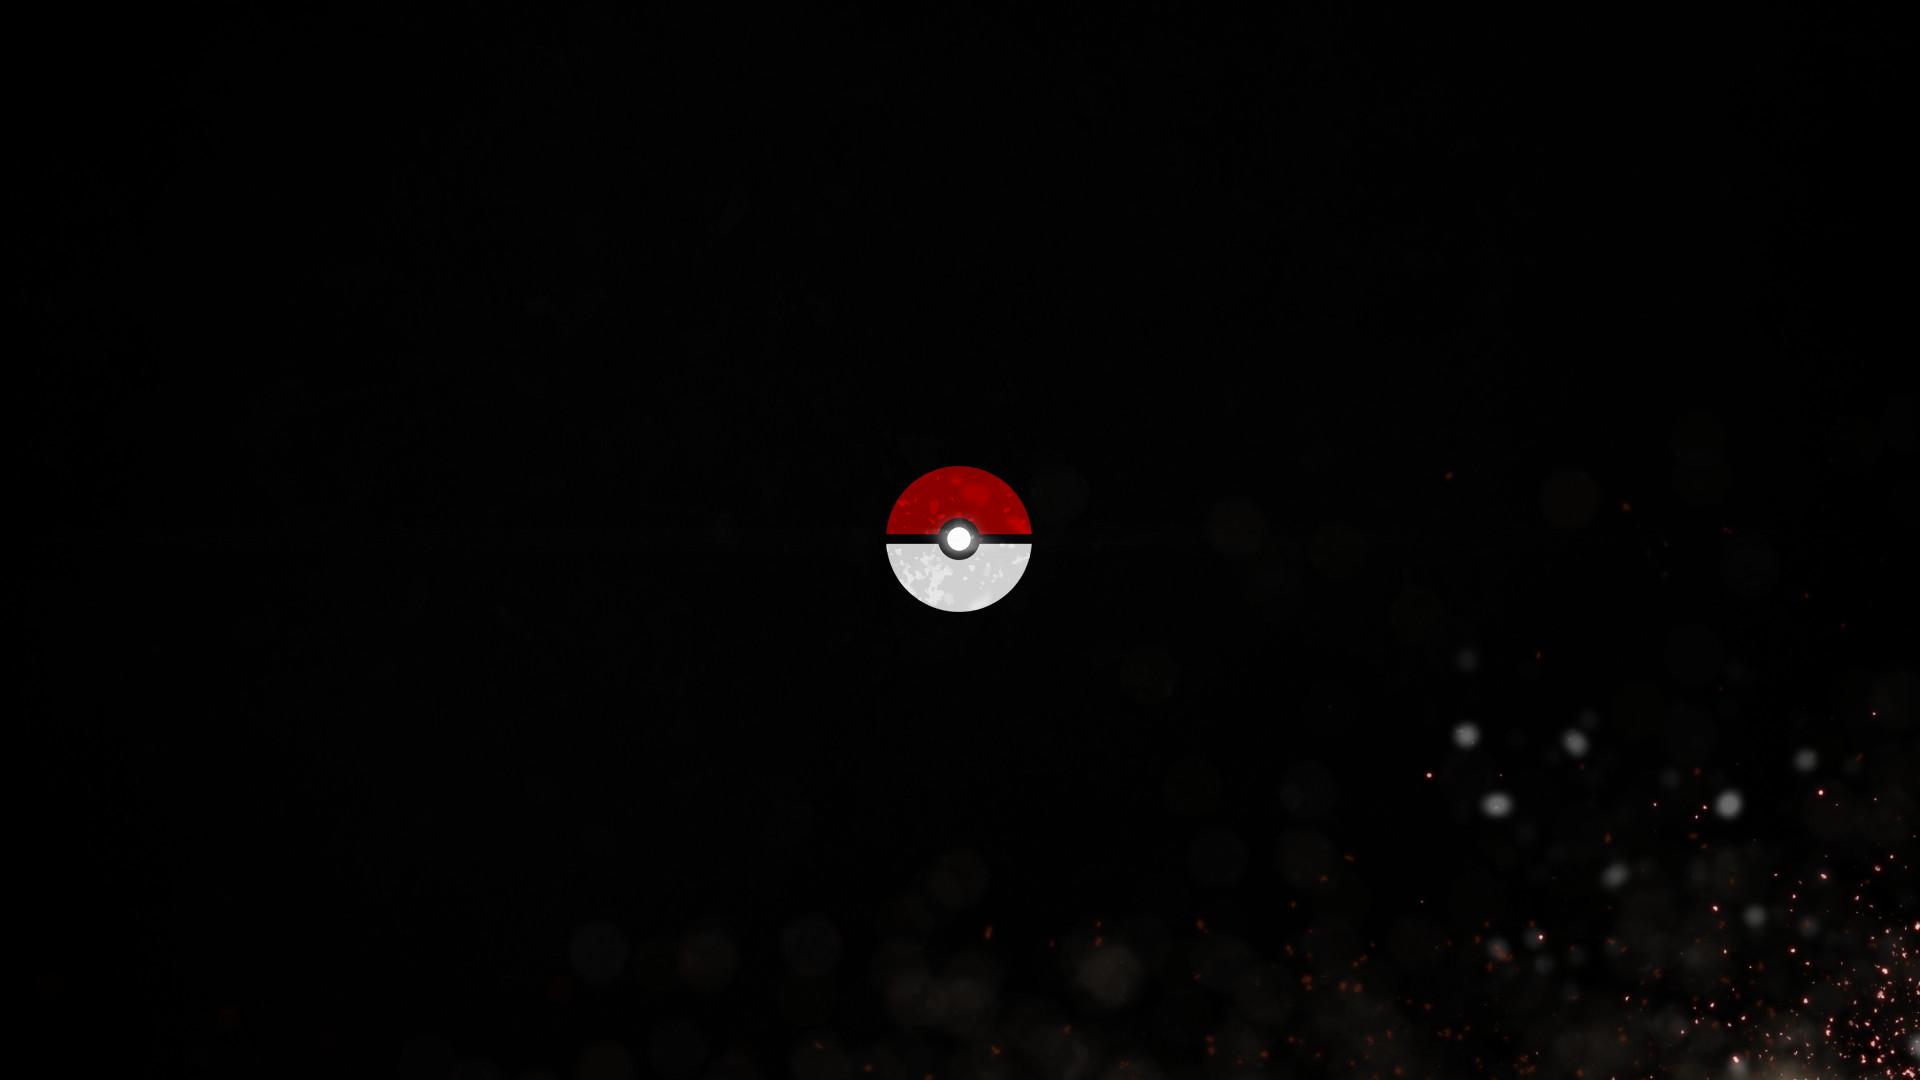 … Pokemon Go – Pokeball v2 by lonelyworldx